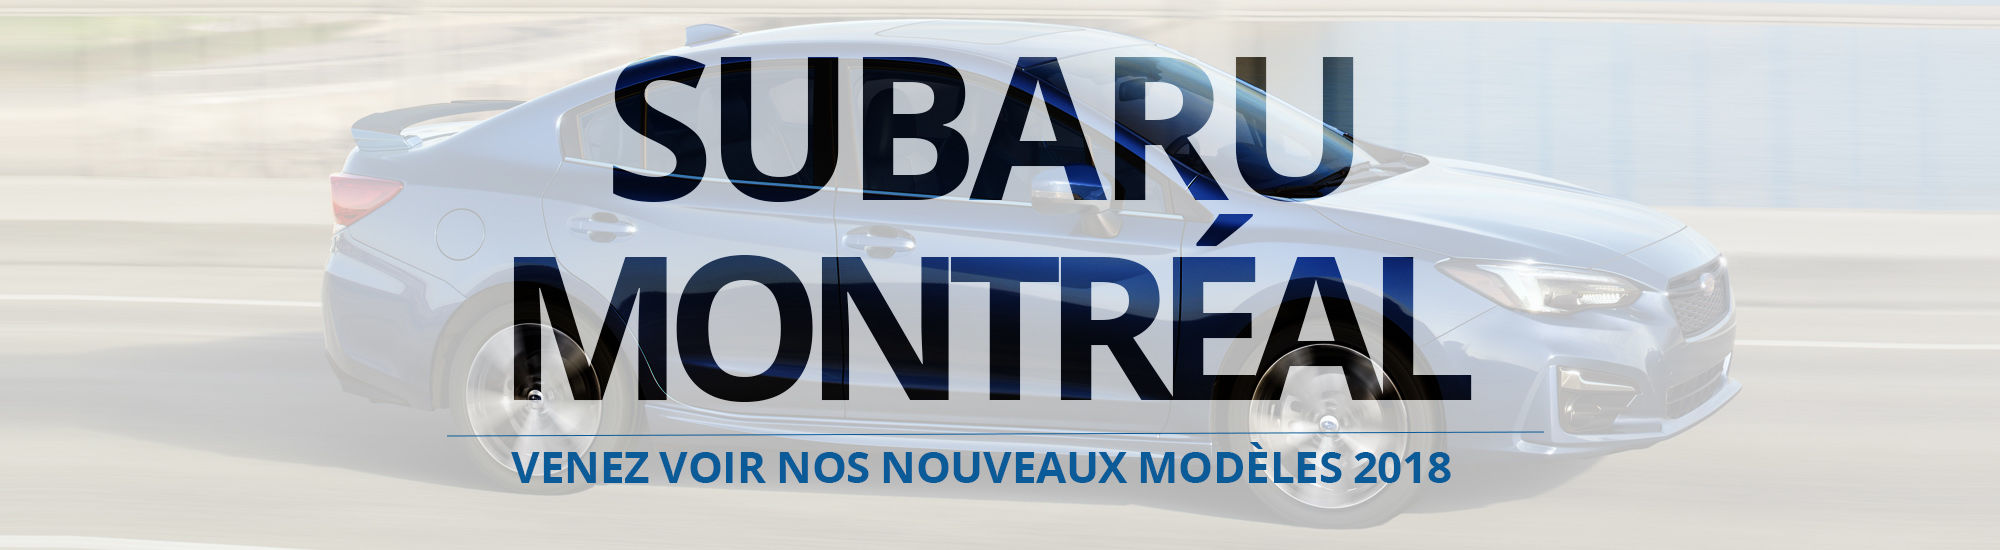 Subaru Montreal